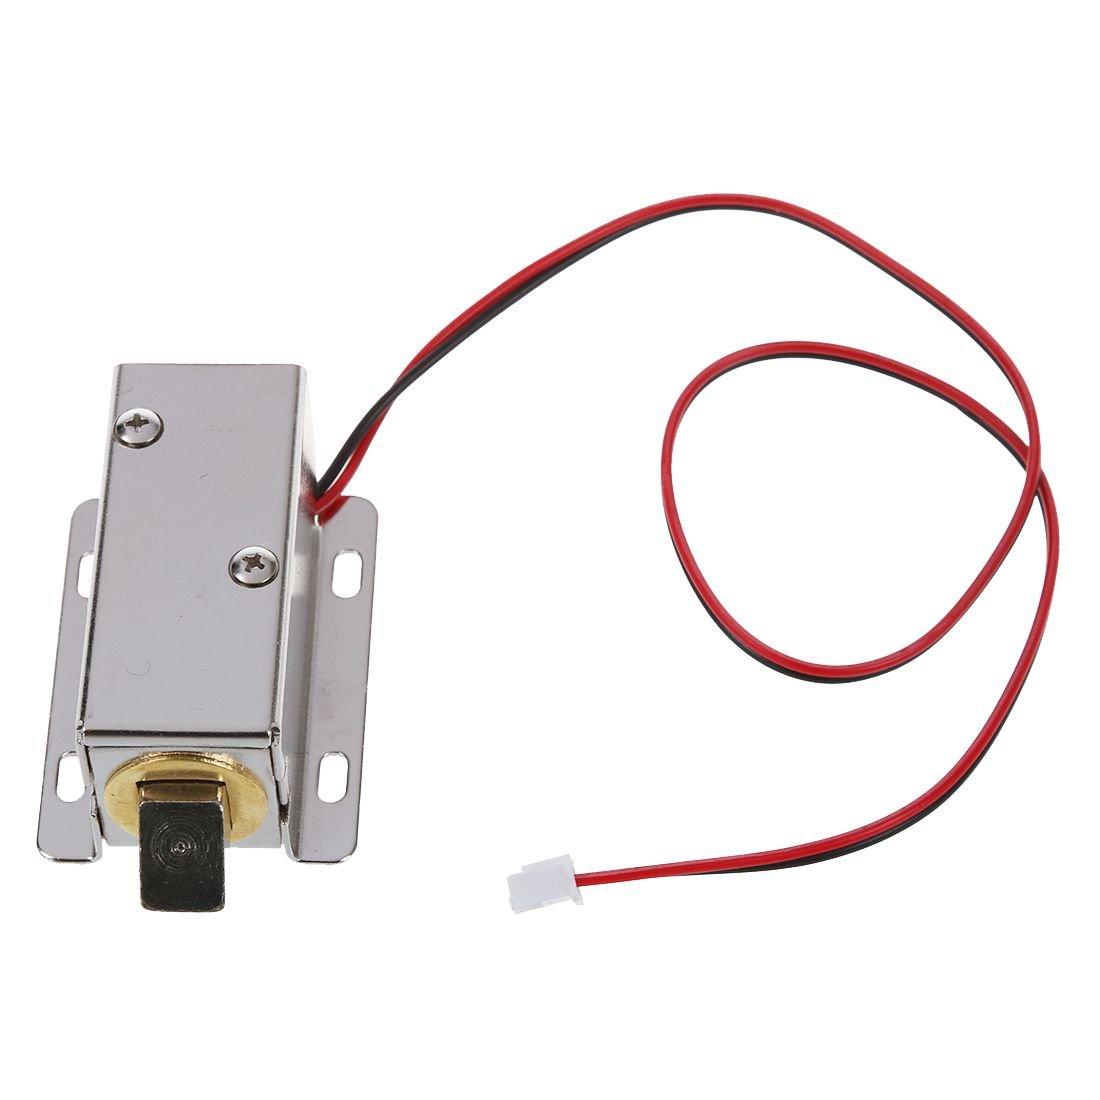 RETYLY RETYLY R 0837L DC 12V 8W Cadre ouvert Type Solenoide pour serrure de porte electrique